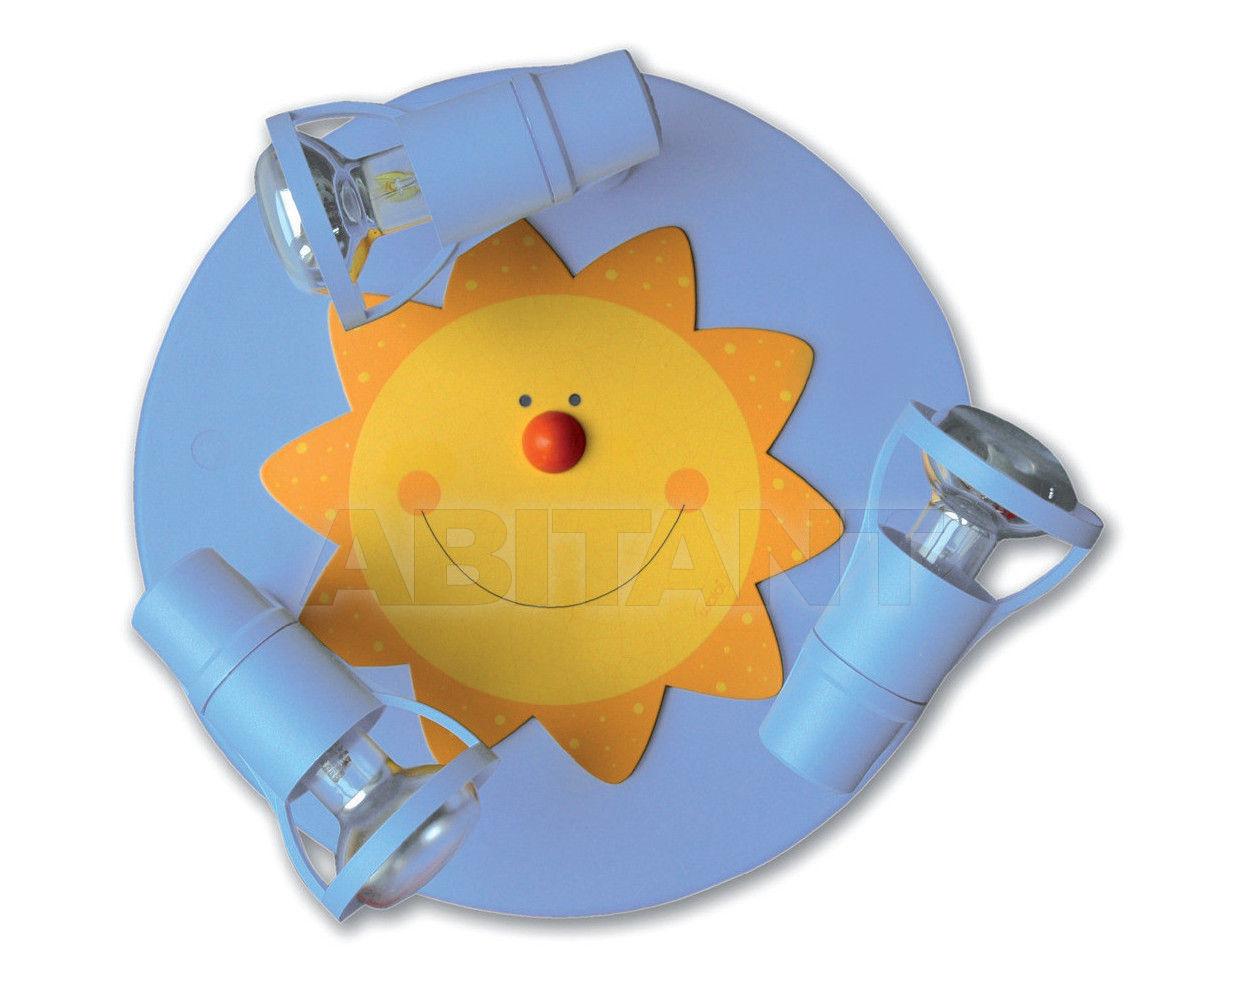 Купить Светильник для детской  Waldi Leuchten Lampen Fur Kinder 2012 65235.0